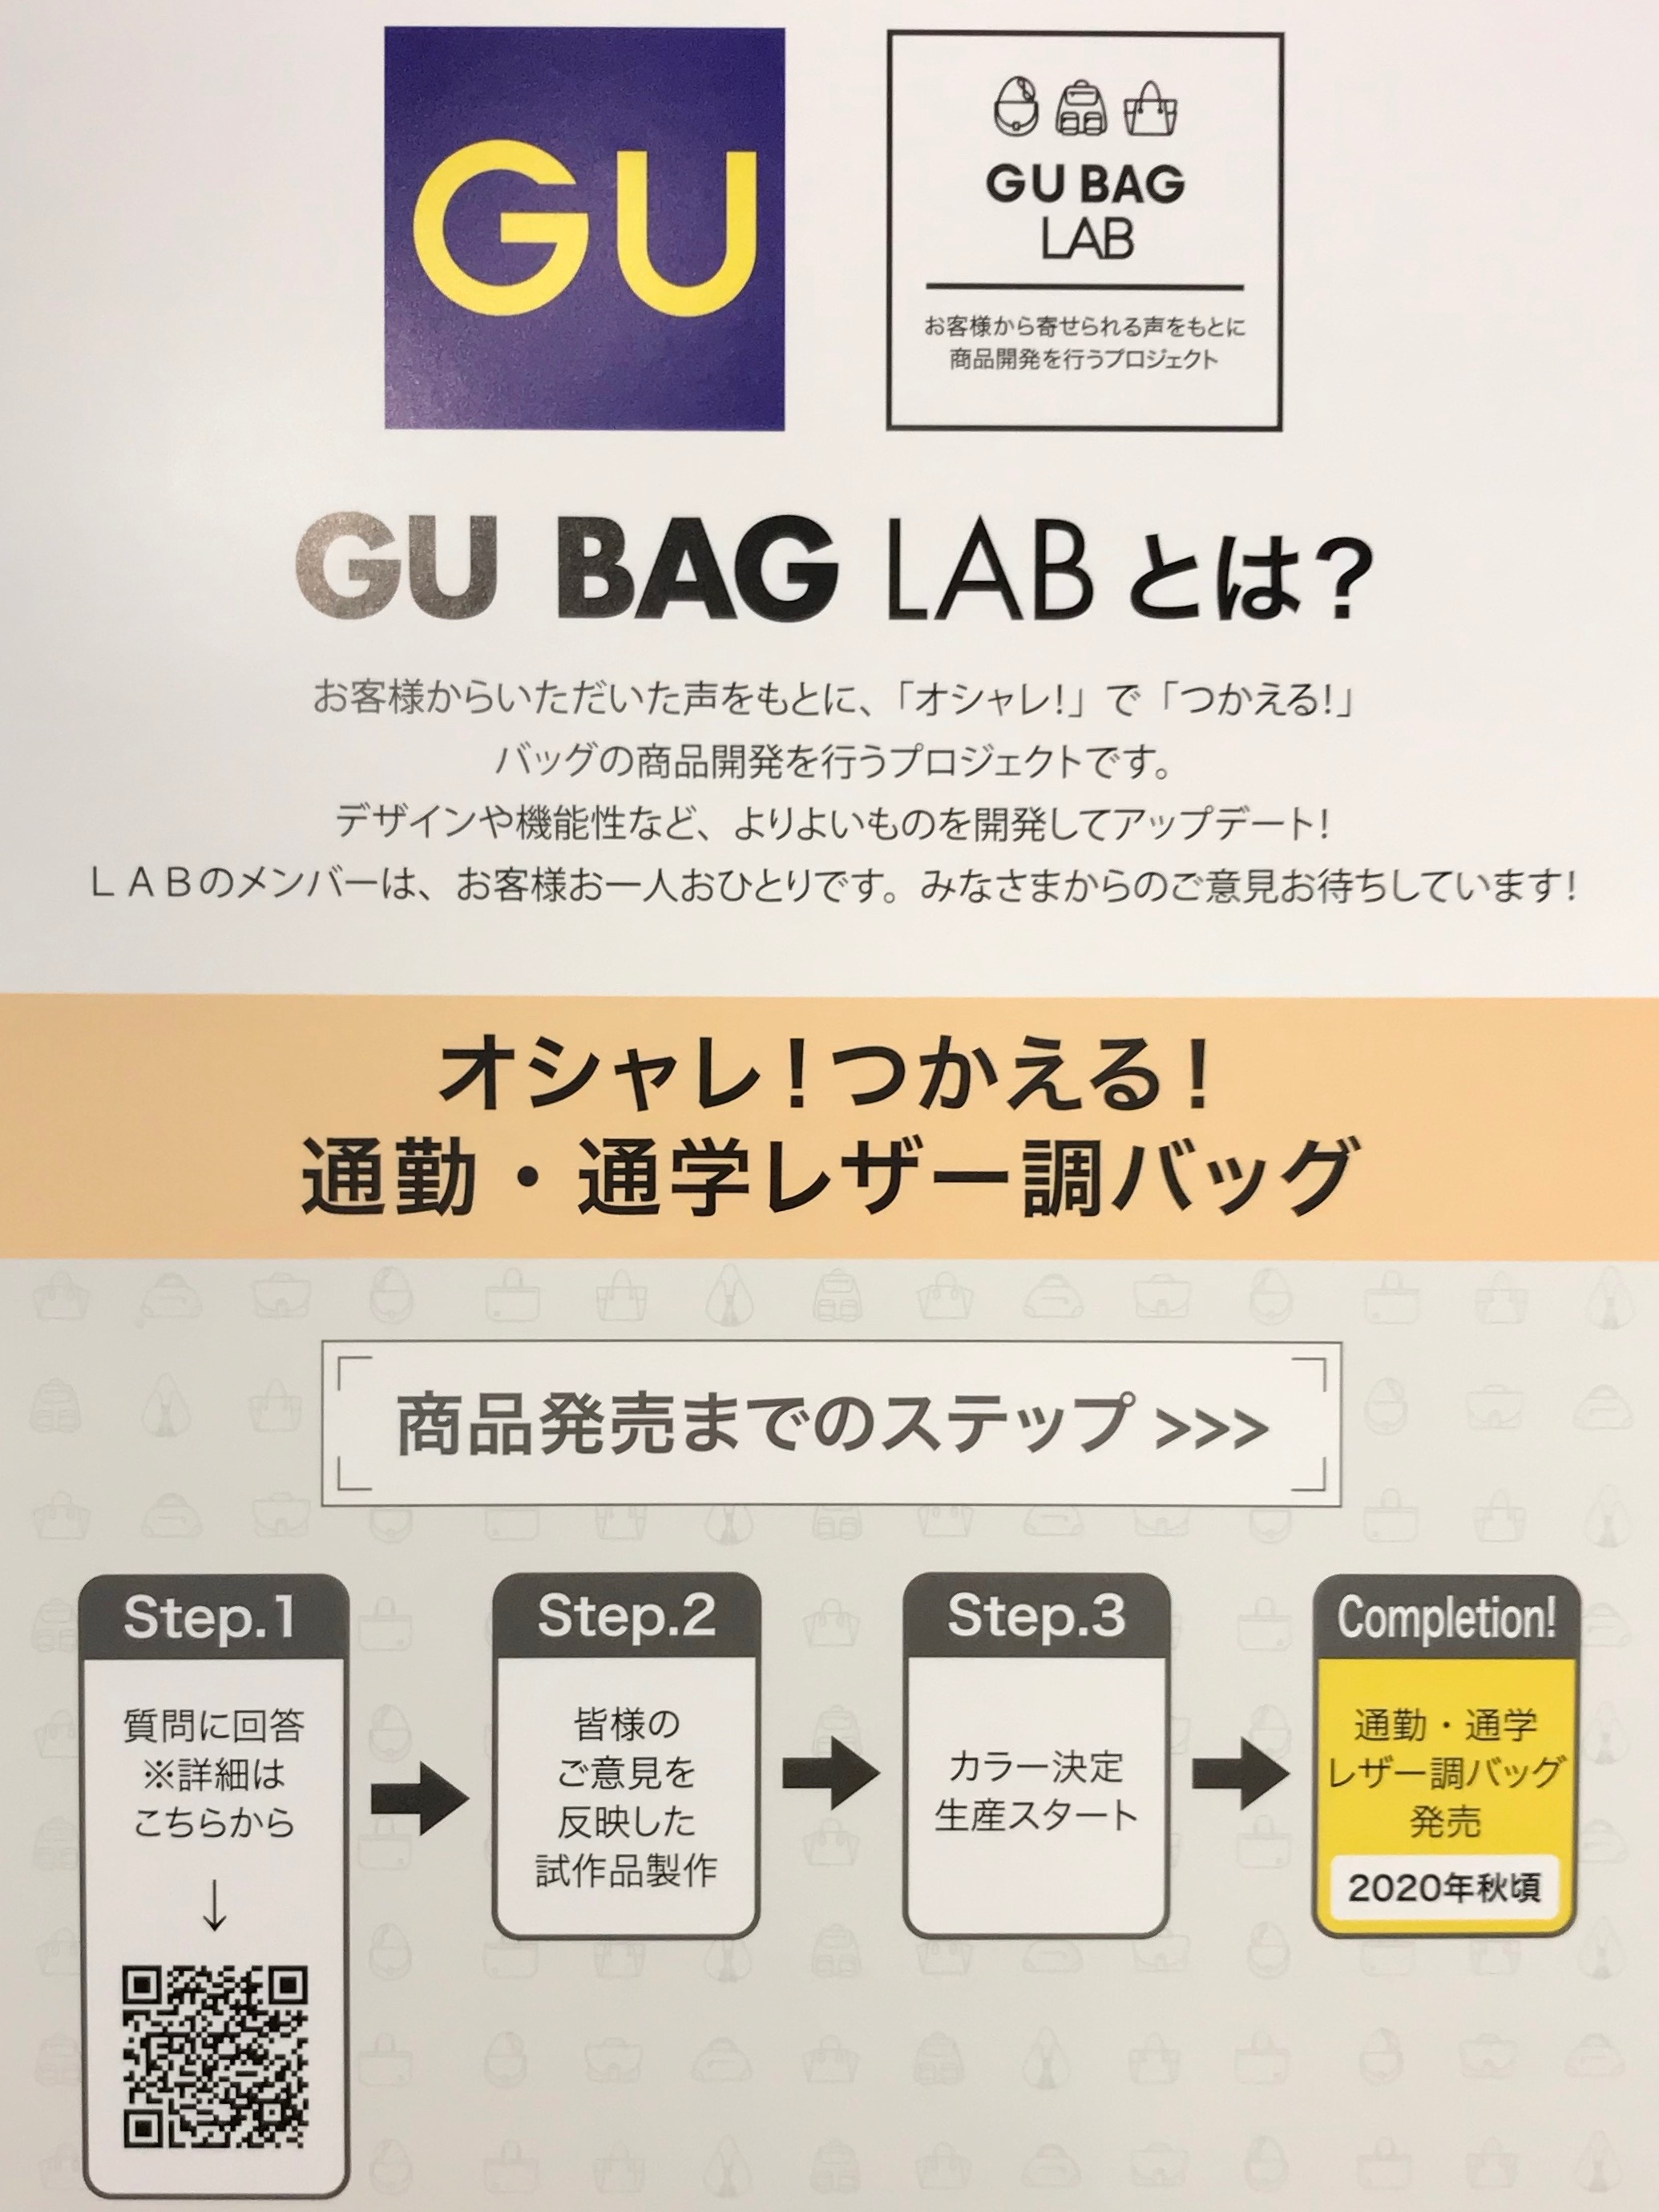 GU 人気 通勤トートバッグ GU BAG LAB